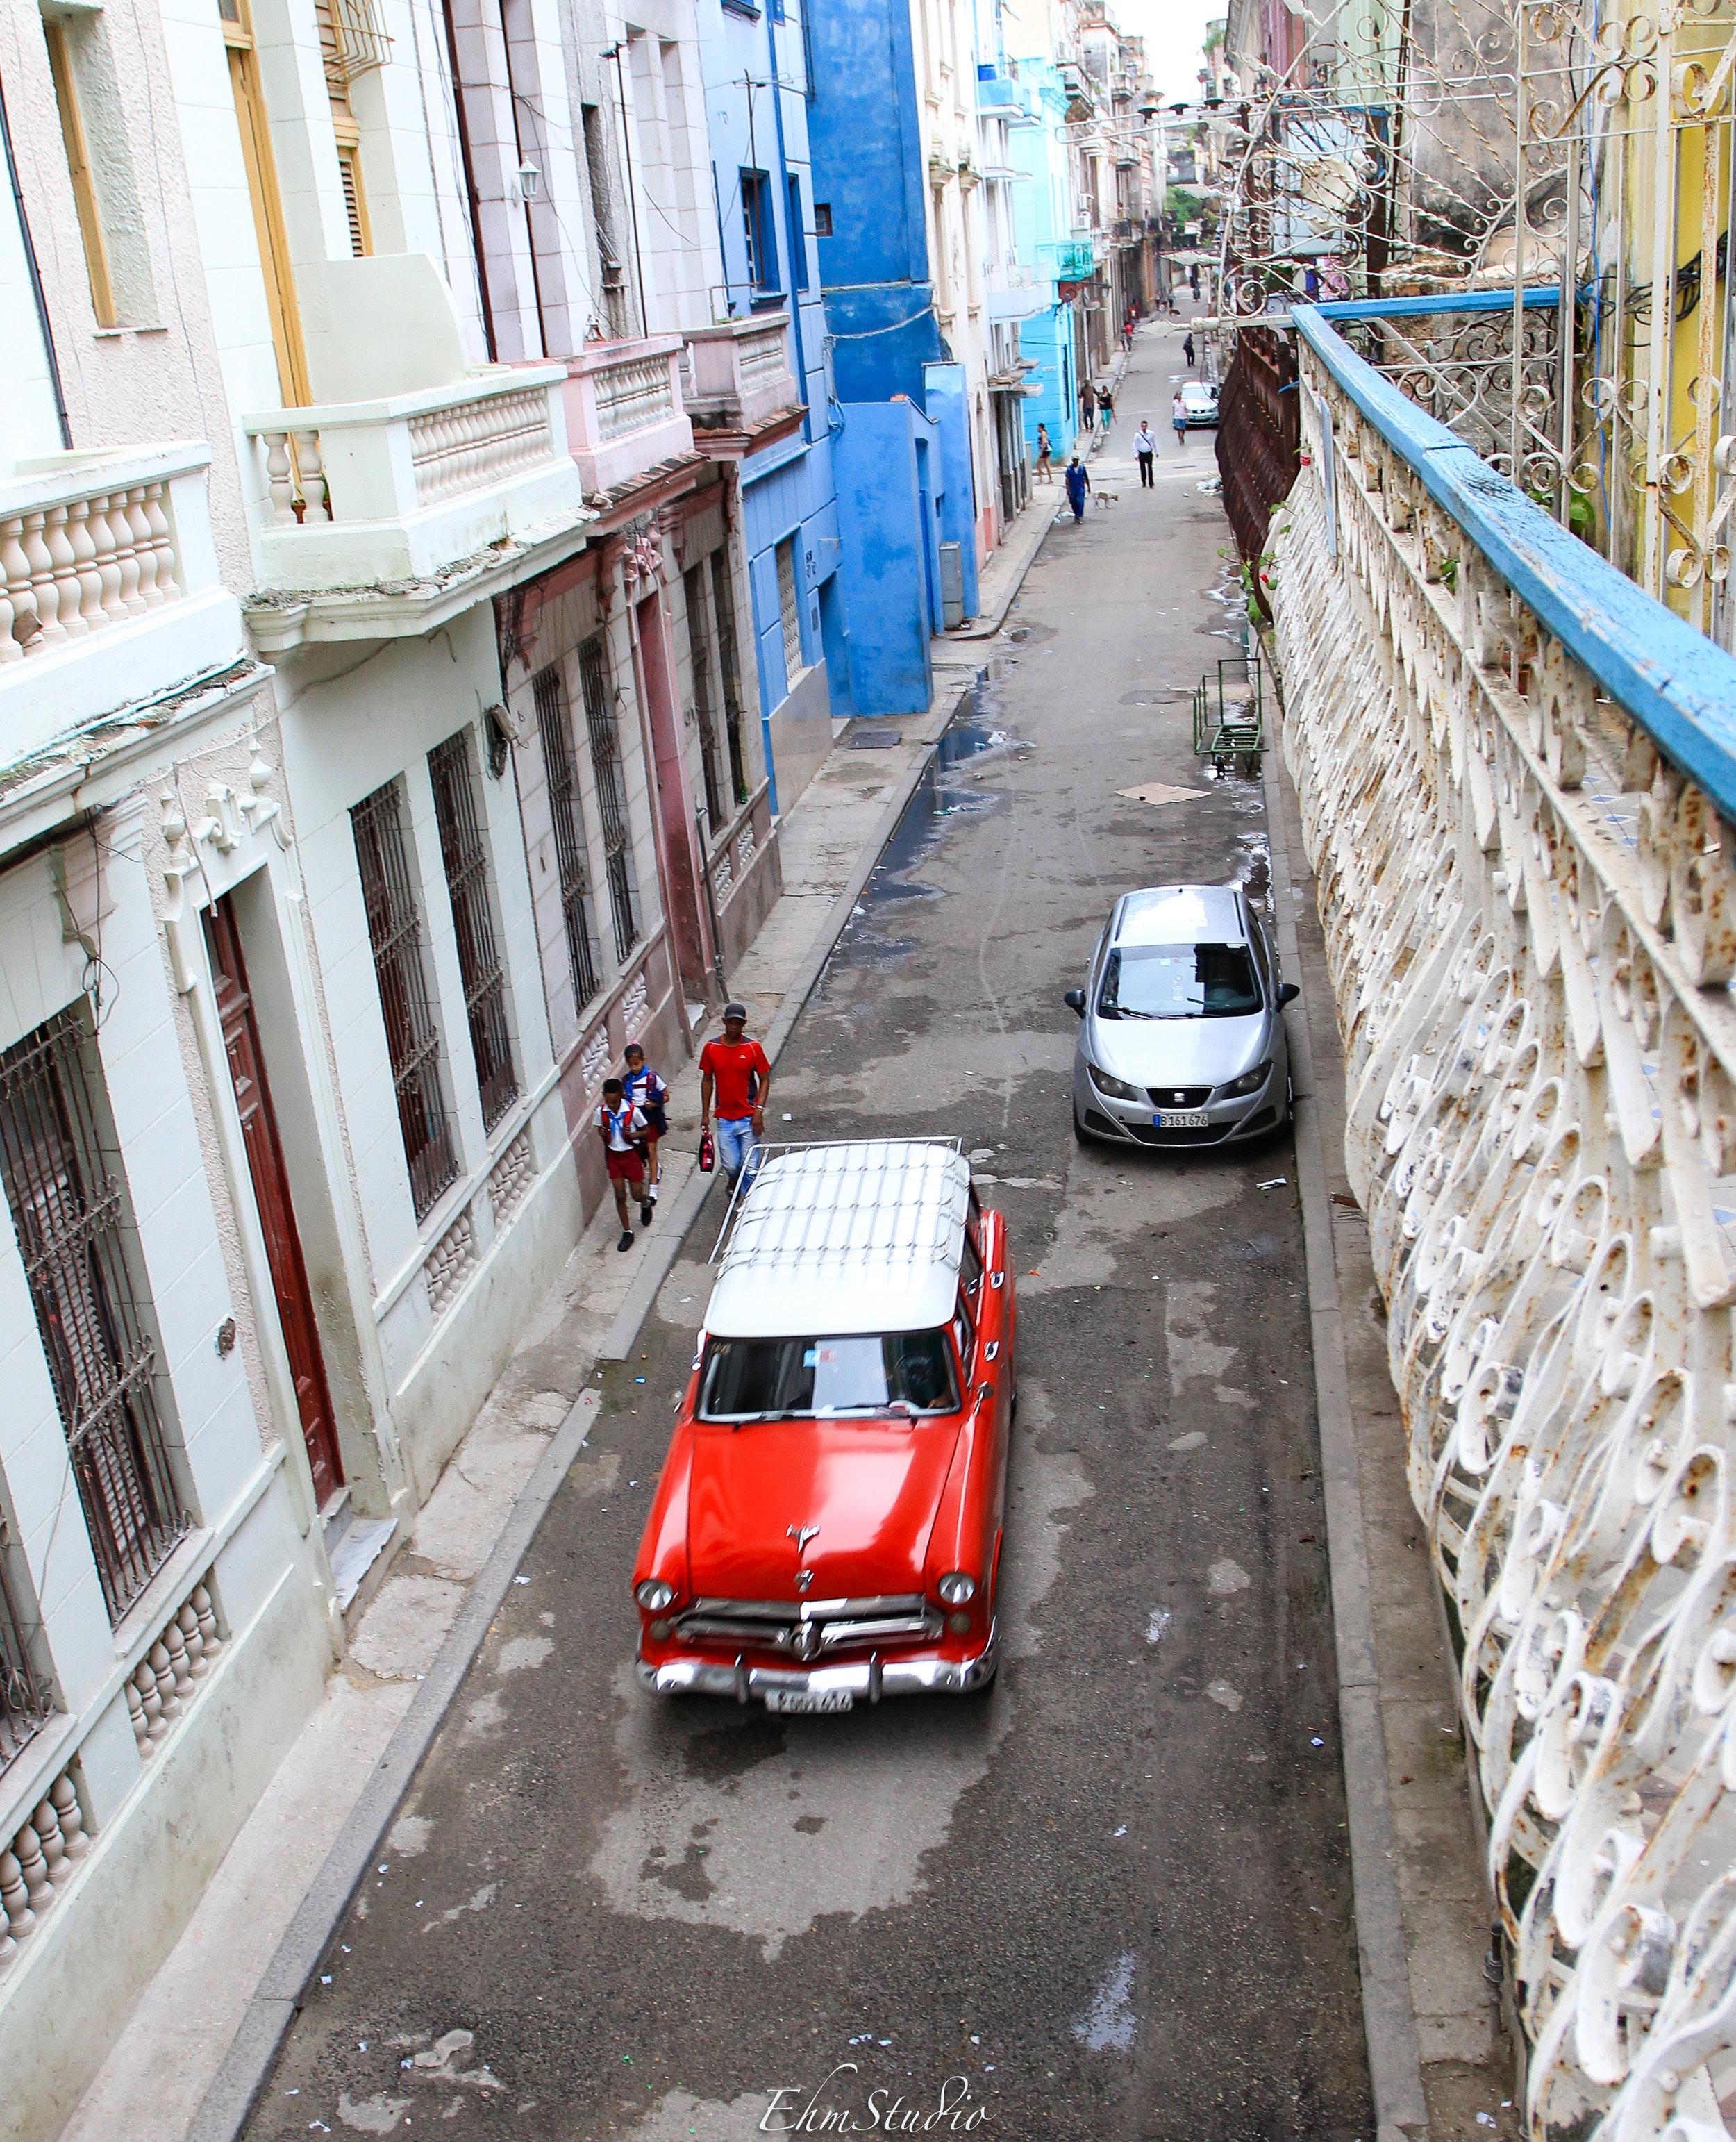 Cuba2018Edits-18.jpg